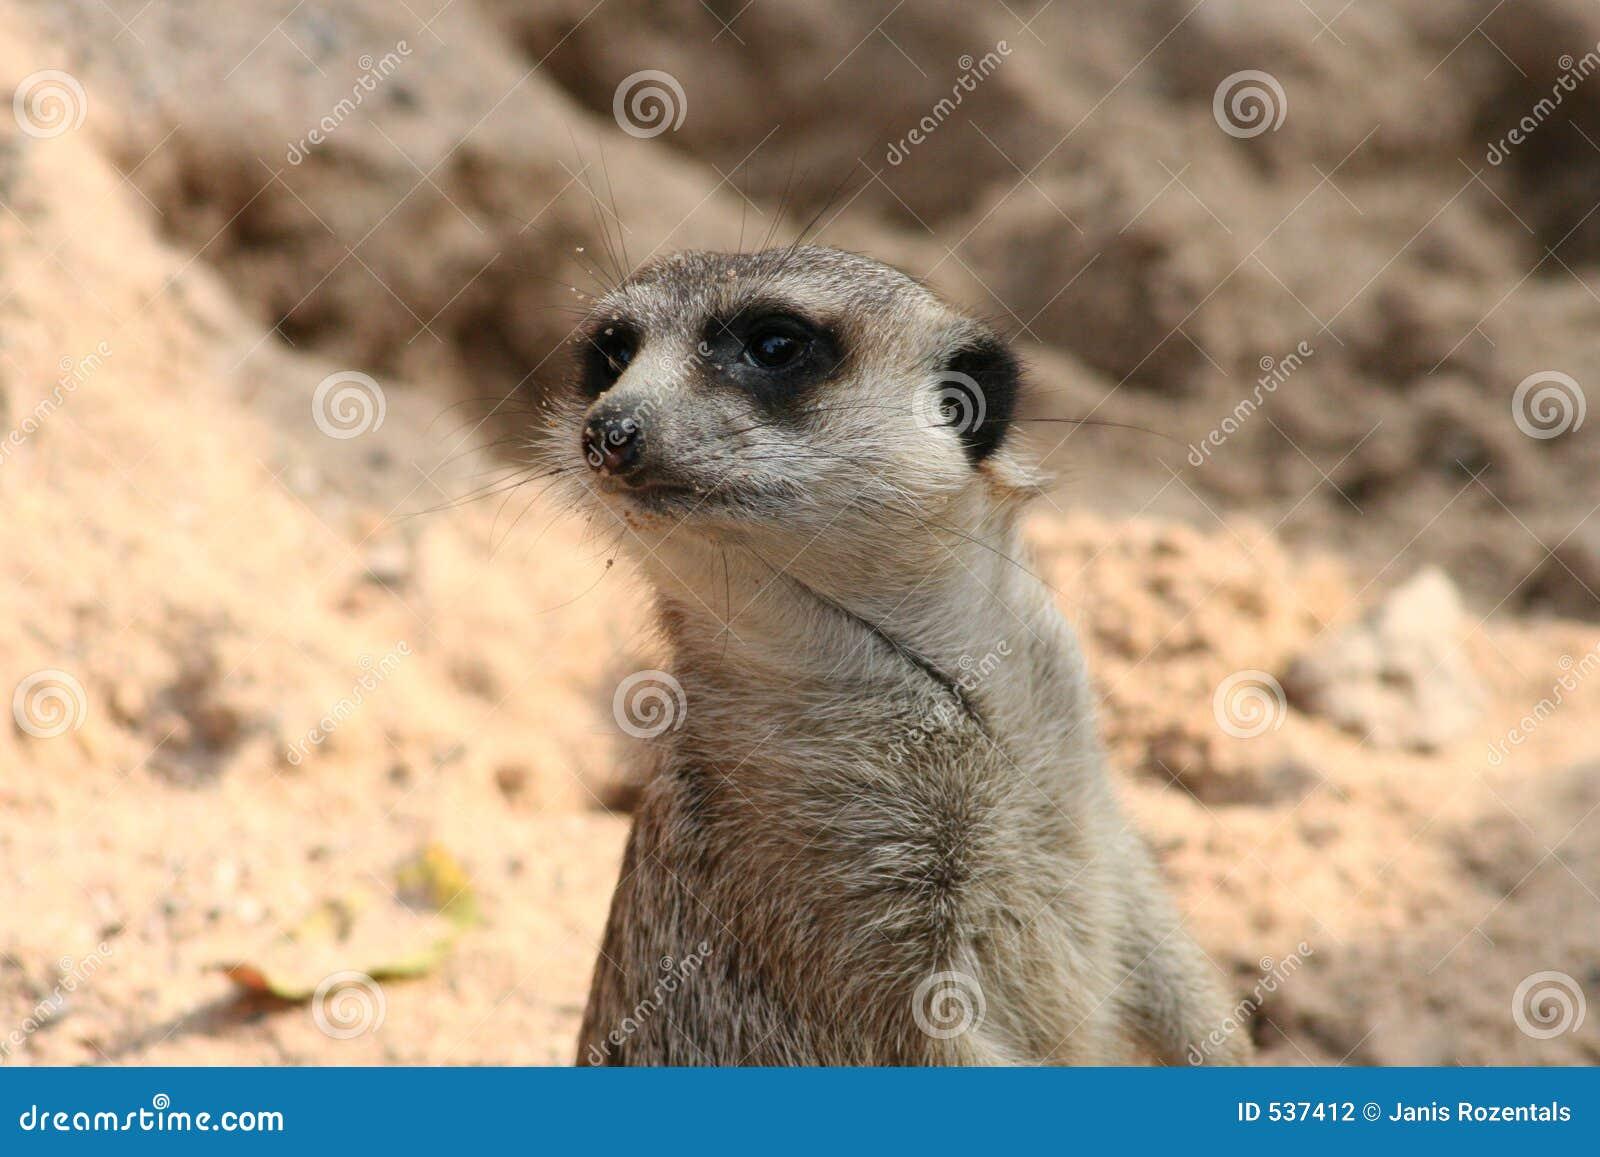 Download 动物 库存照片. 图片 包括有 毛皮, 凝视, 酒精, 哨兵, 醒的, 少许, 敌意, 生活, 摆在, 仅仅 - 537412